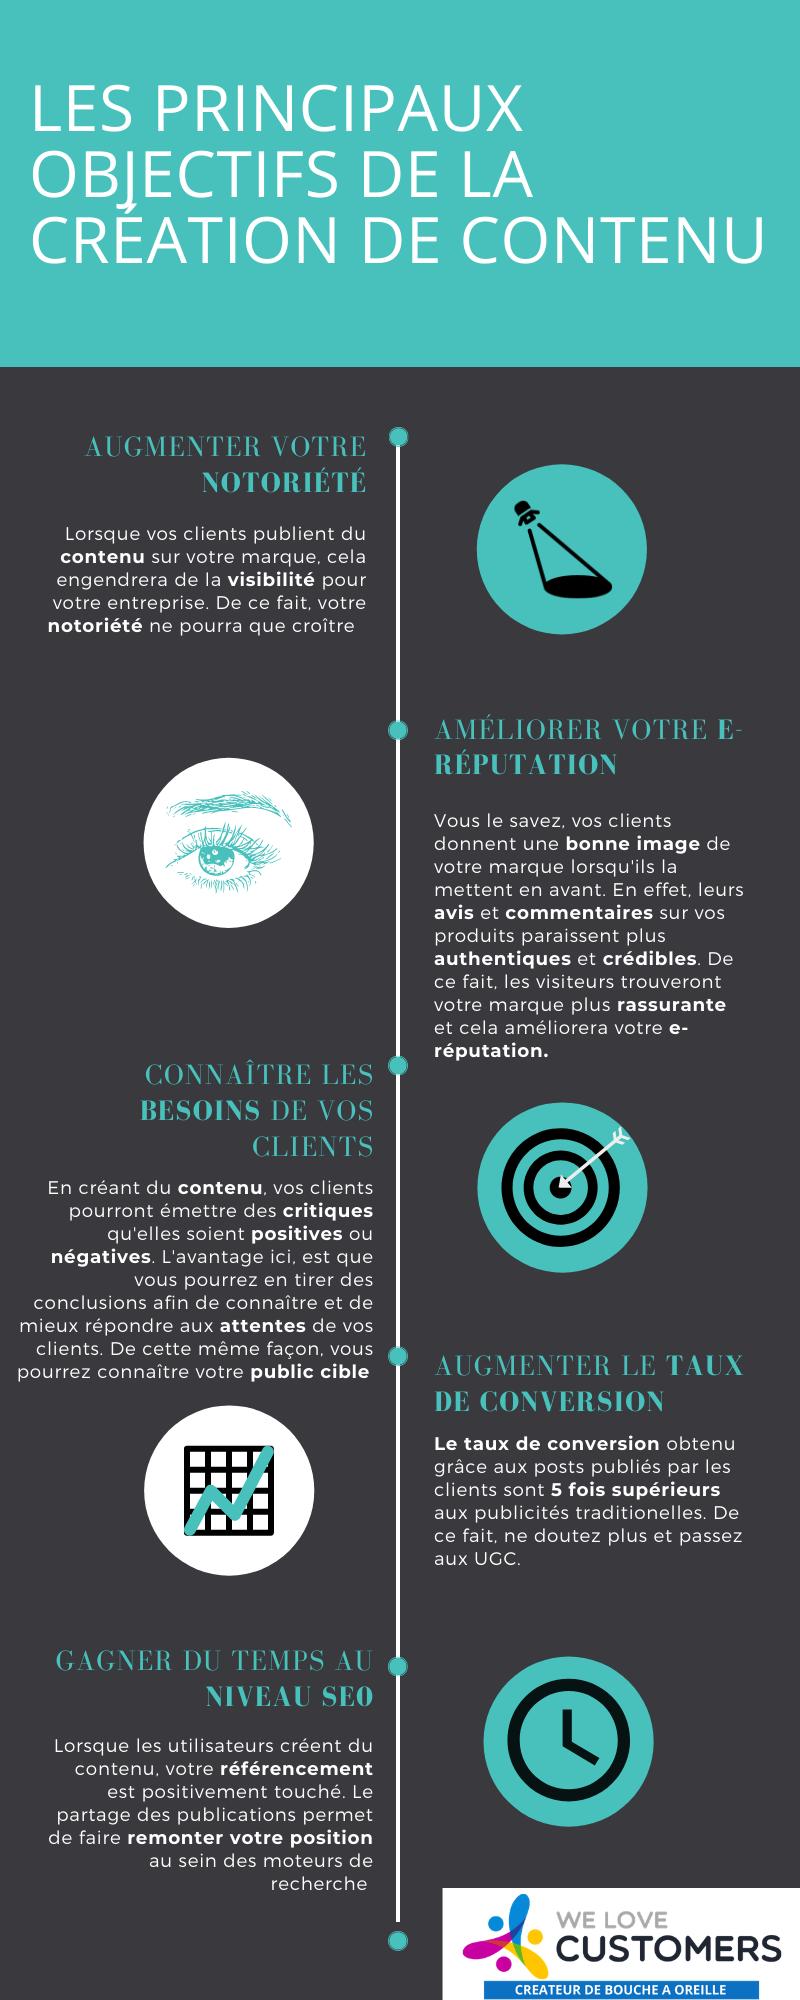 Infographie de la création de contenu et ses objectifs